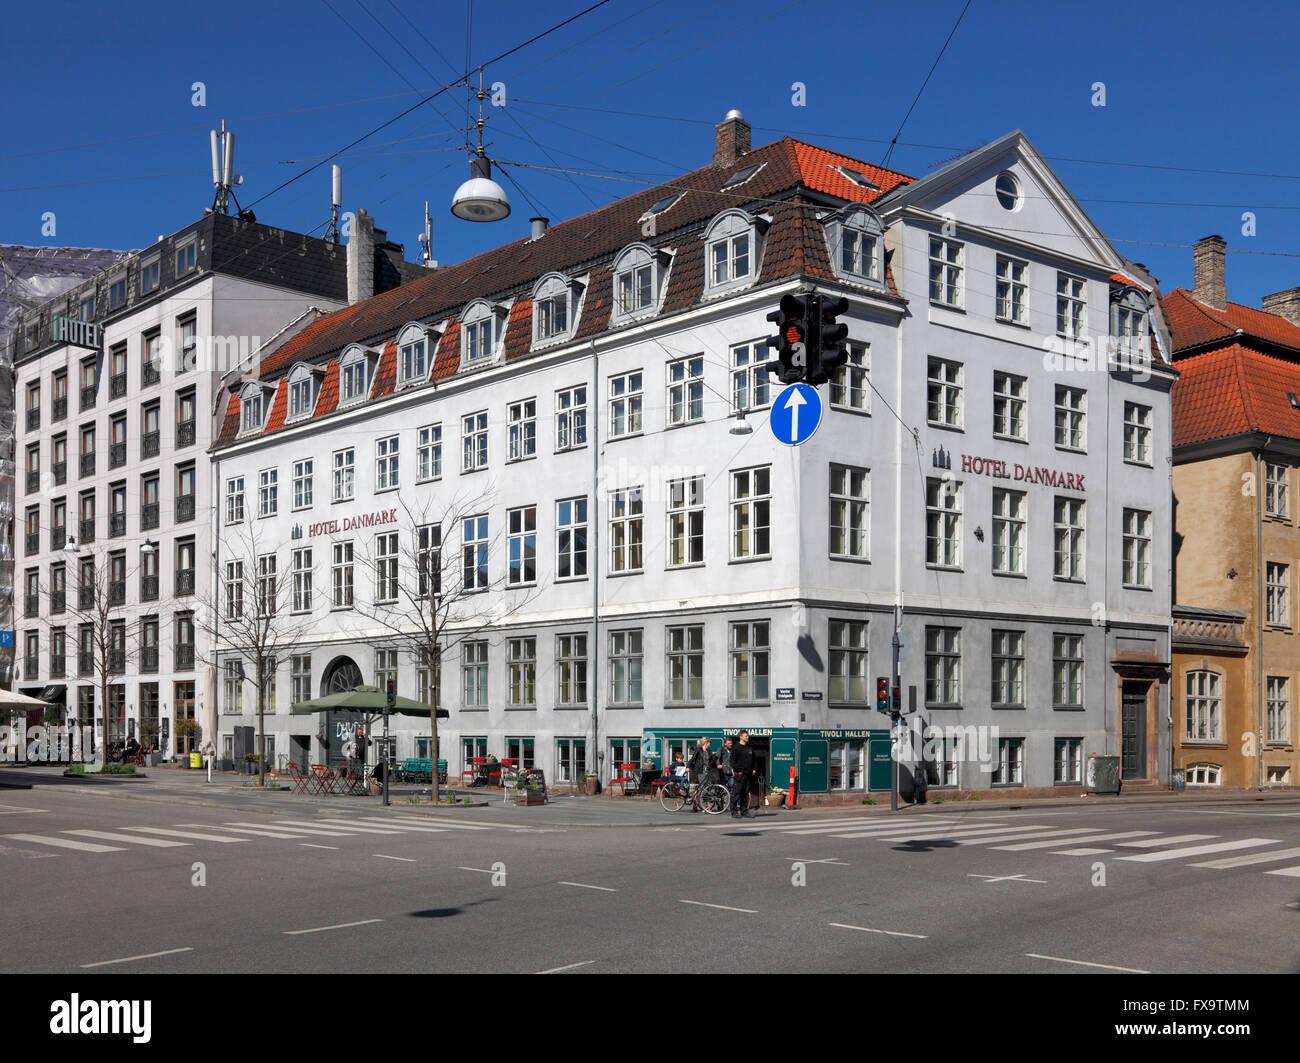 El Hotel Danmark en el centro de Copenhague, Dinamarca, en la esquina de Vester Voldgade Stormgade y cerca de la Plaza del Ayuntamiento. Foto de stock